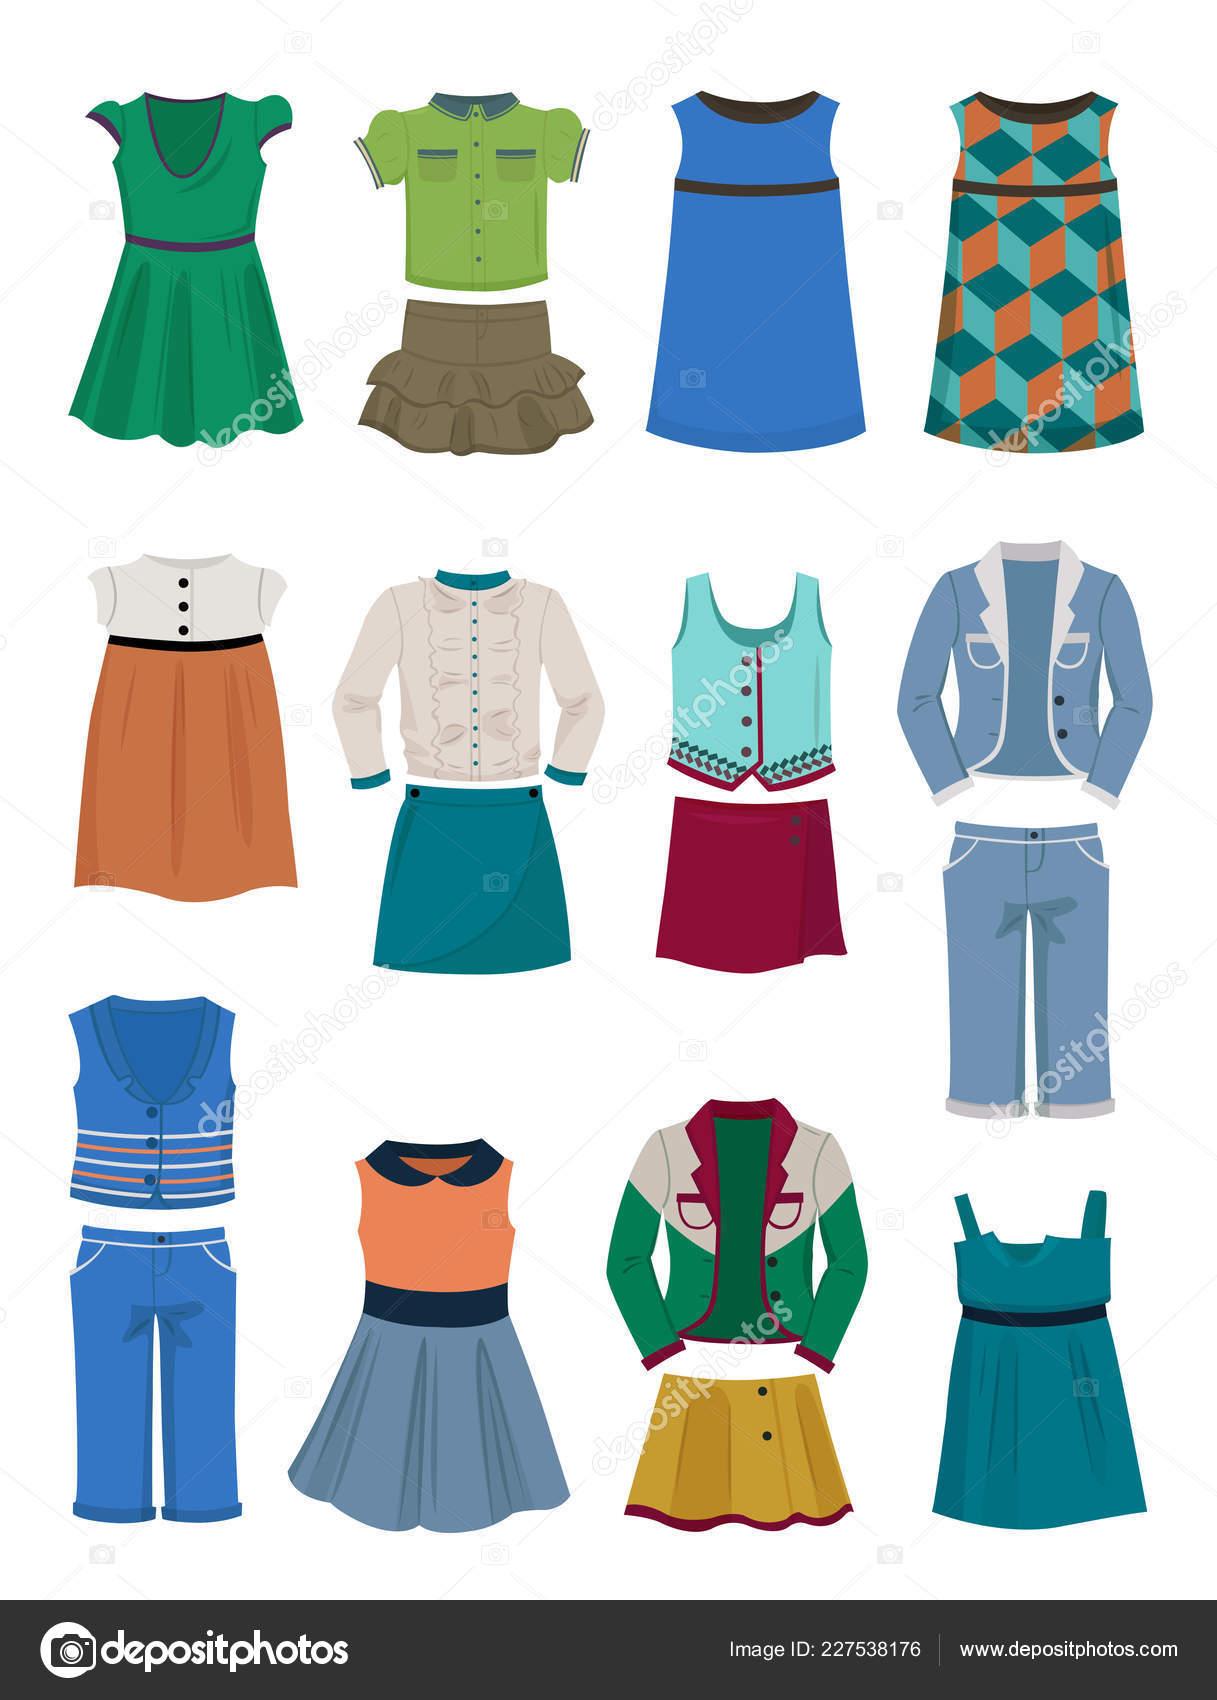 341c50865 Conjunto Ropa Para Escuela Para Niñas Vestidos Blusas Trajes Faldas ...